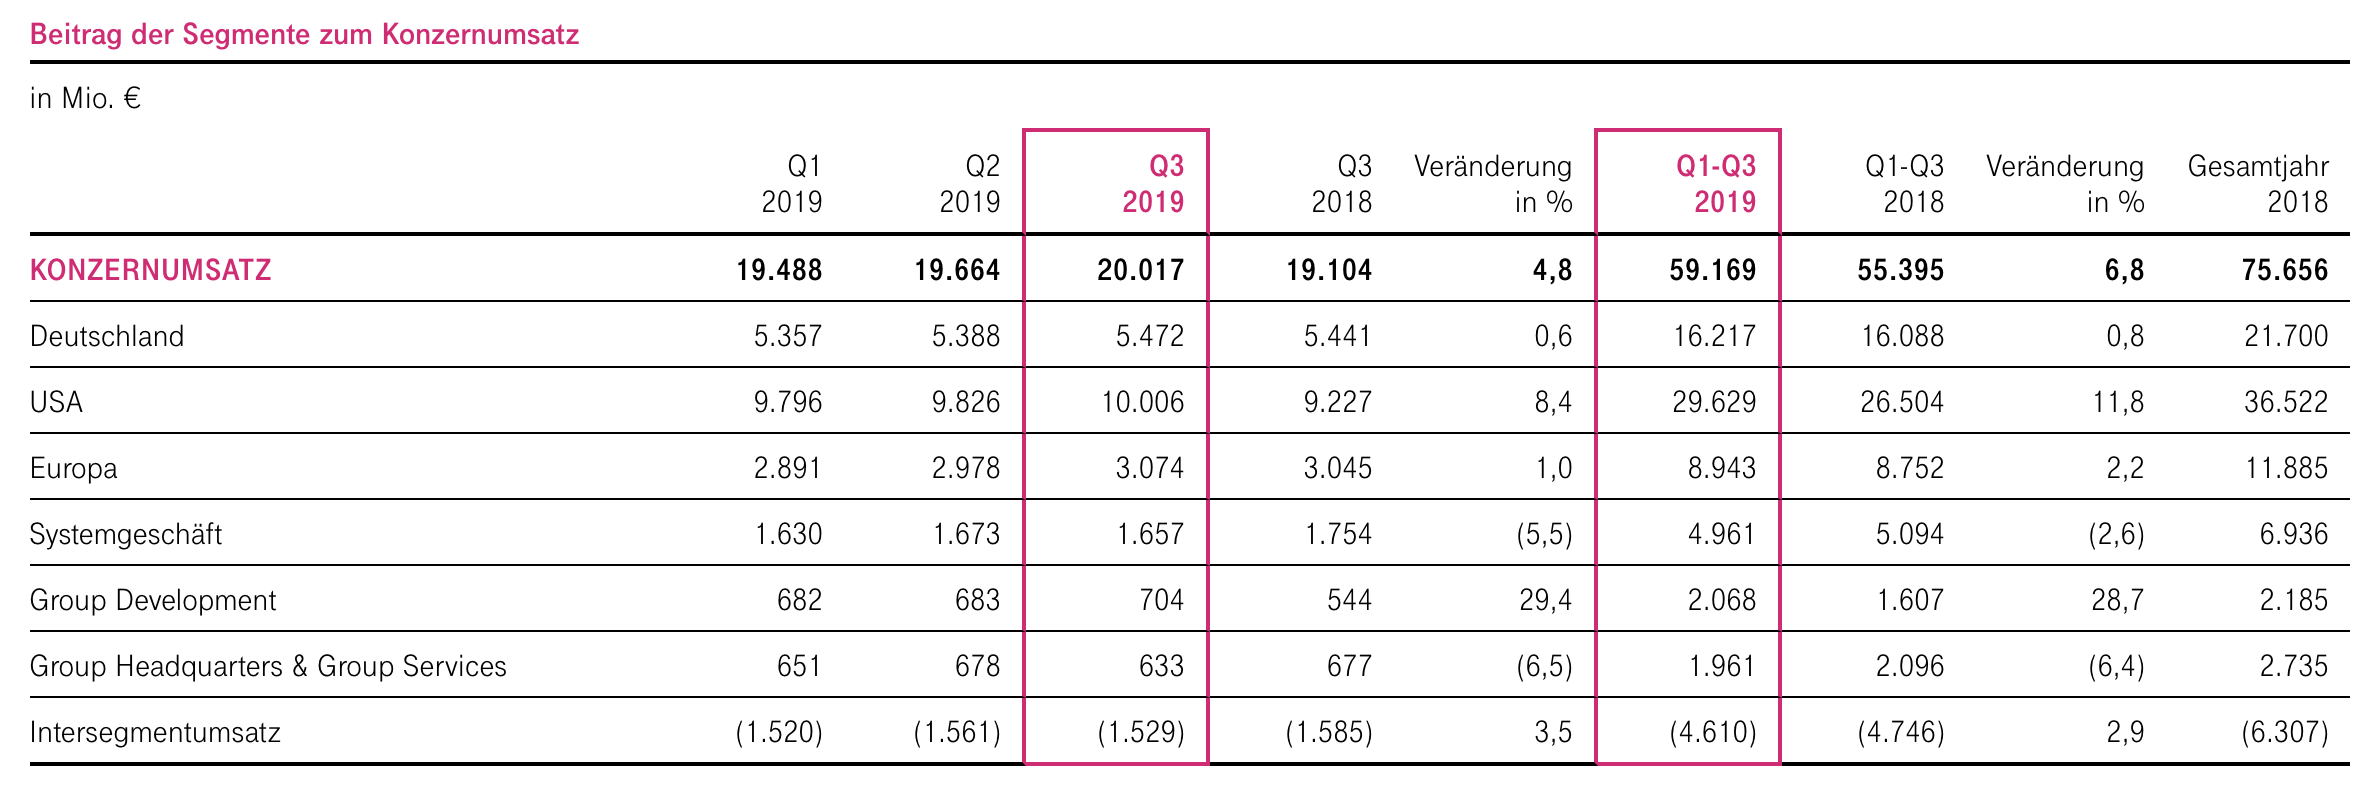 Deutsche Telekom Quartalszahlen